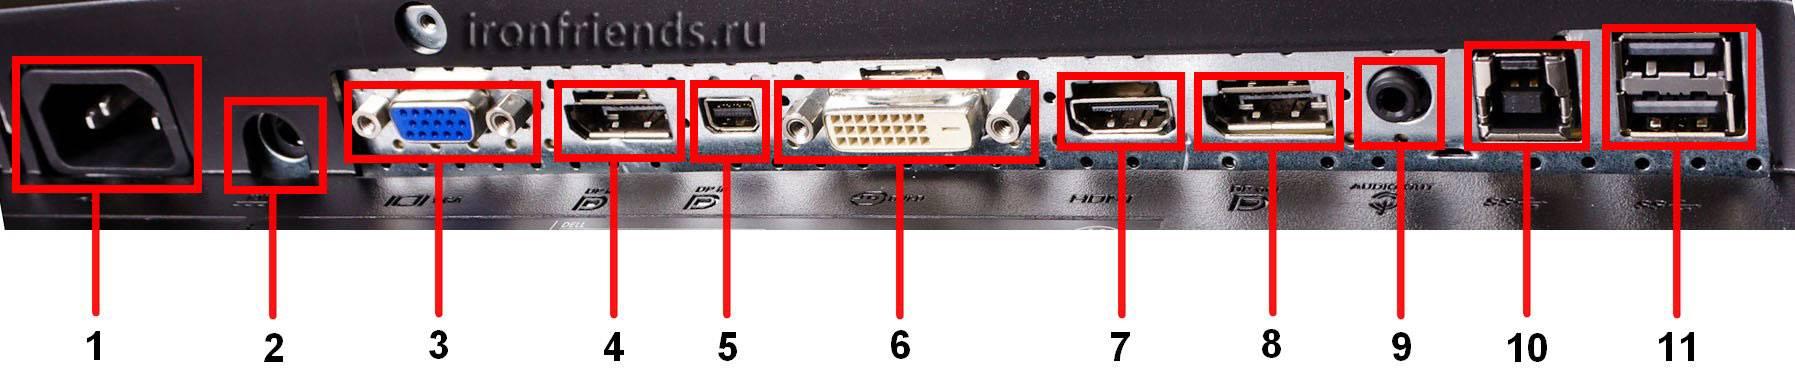 Как выбрать монитор для компьютера